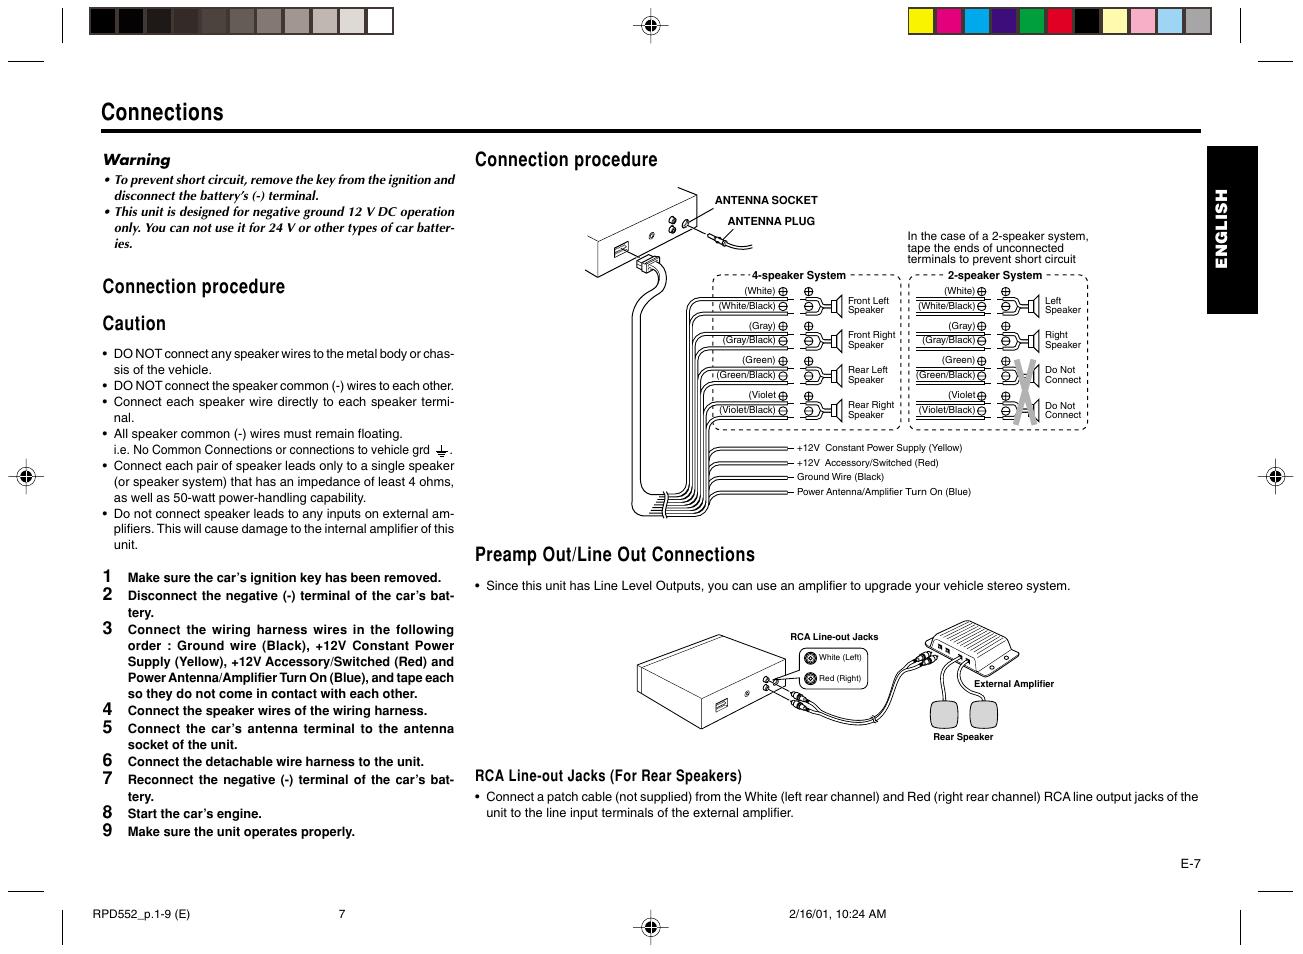 blaupunkt rpd 552 page8?resize=665%2C487 blaupunkt lausanne cd30 wiring diagram wiring diagram blaupunkt rpd 552 wiring diagram at n-0.co